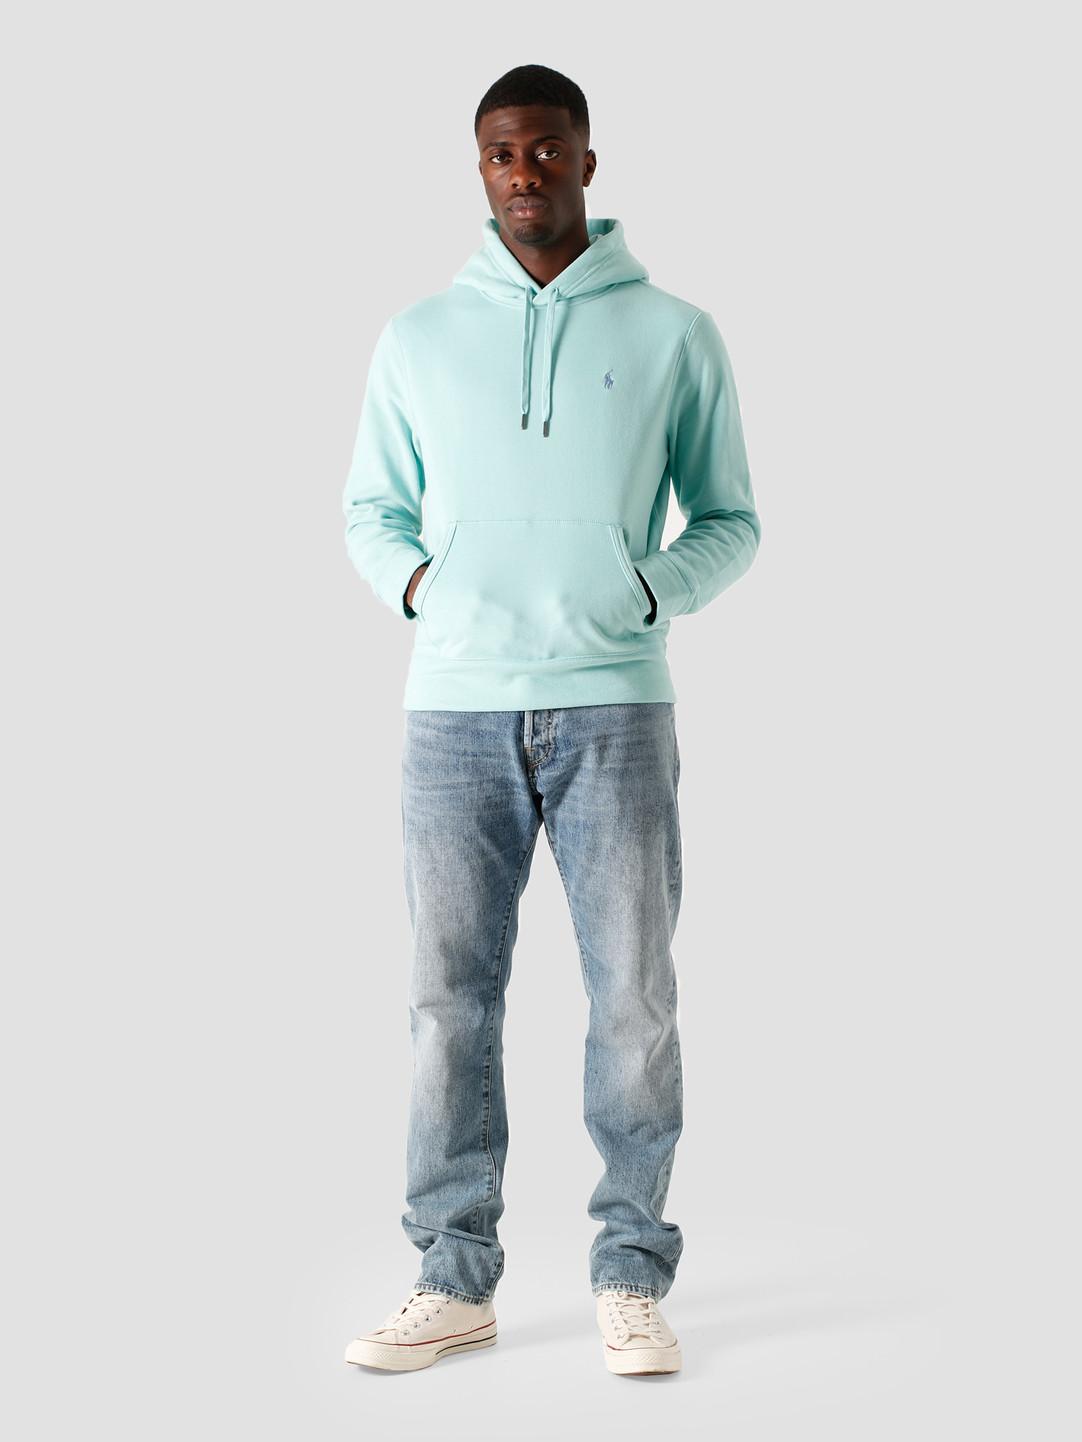 Polo Ralph Lauren Polo Ralph Lauren Lt Wt Magic Fleece Knit Bayside Green-C7350 710815485001